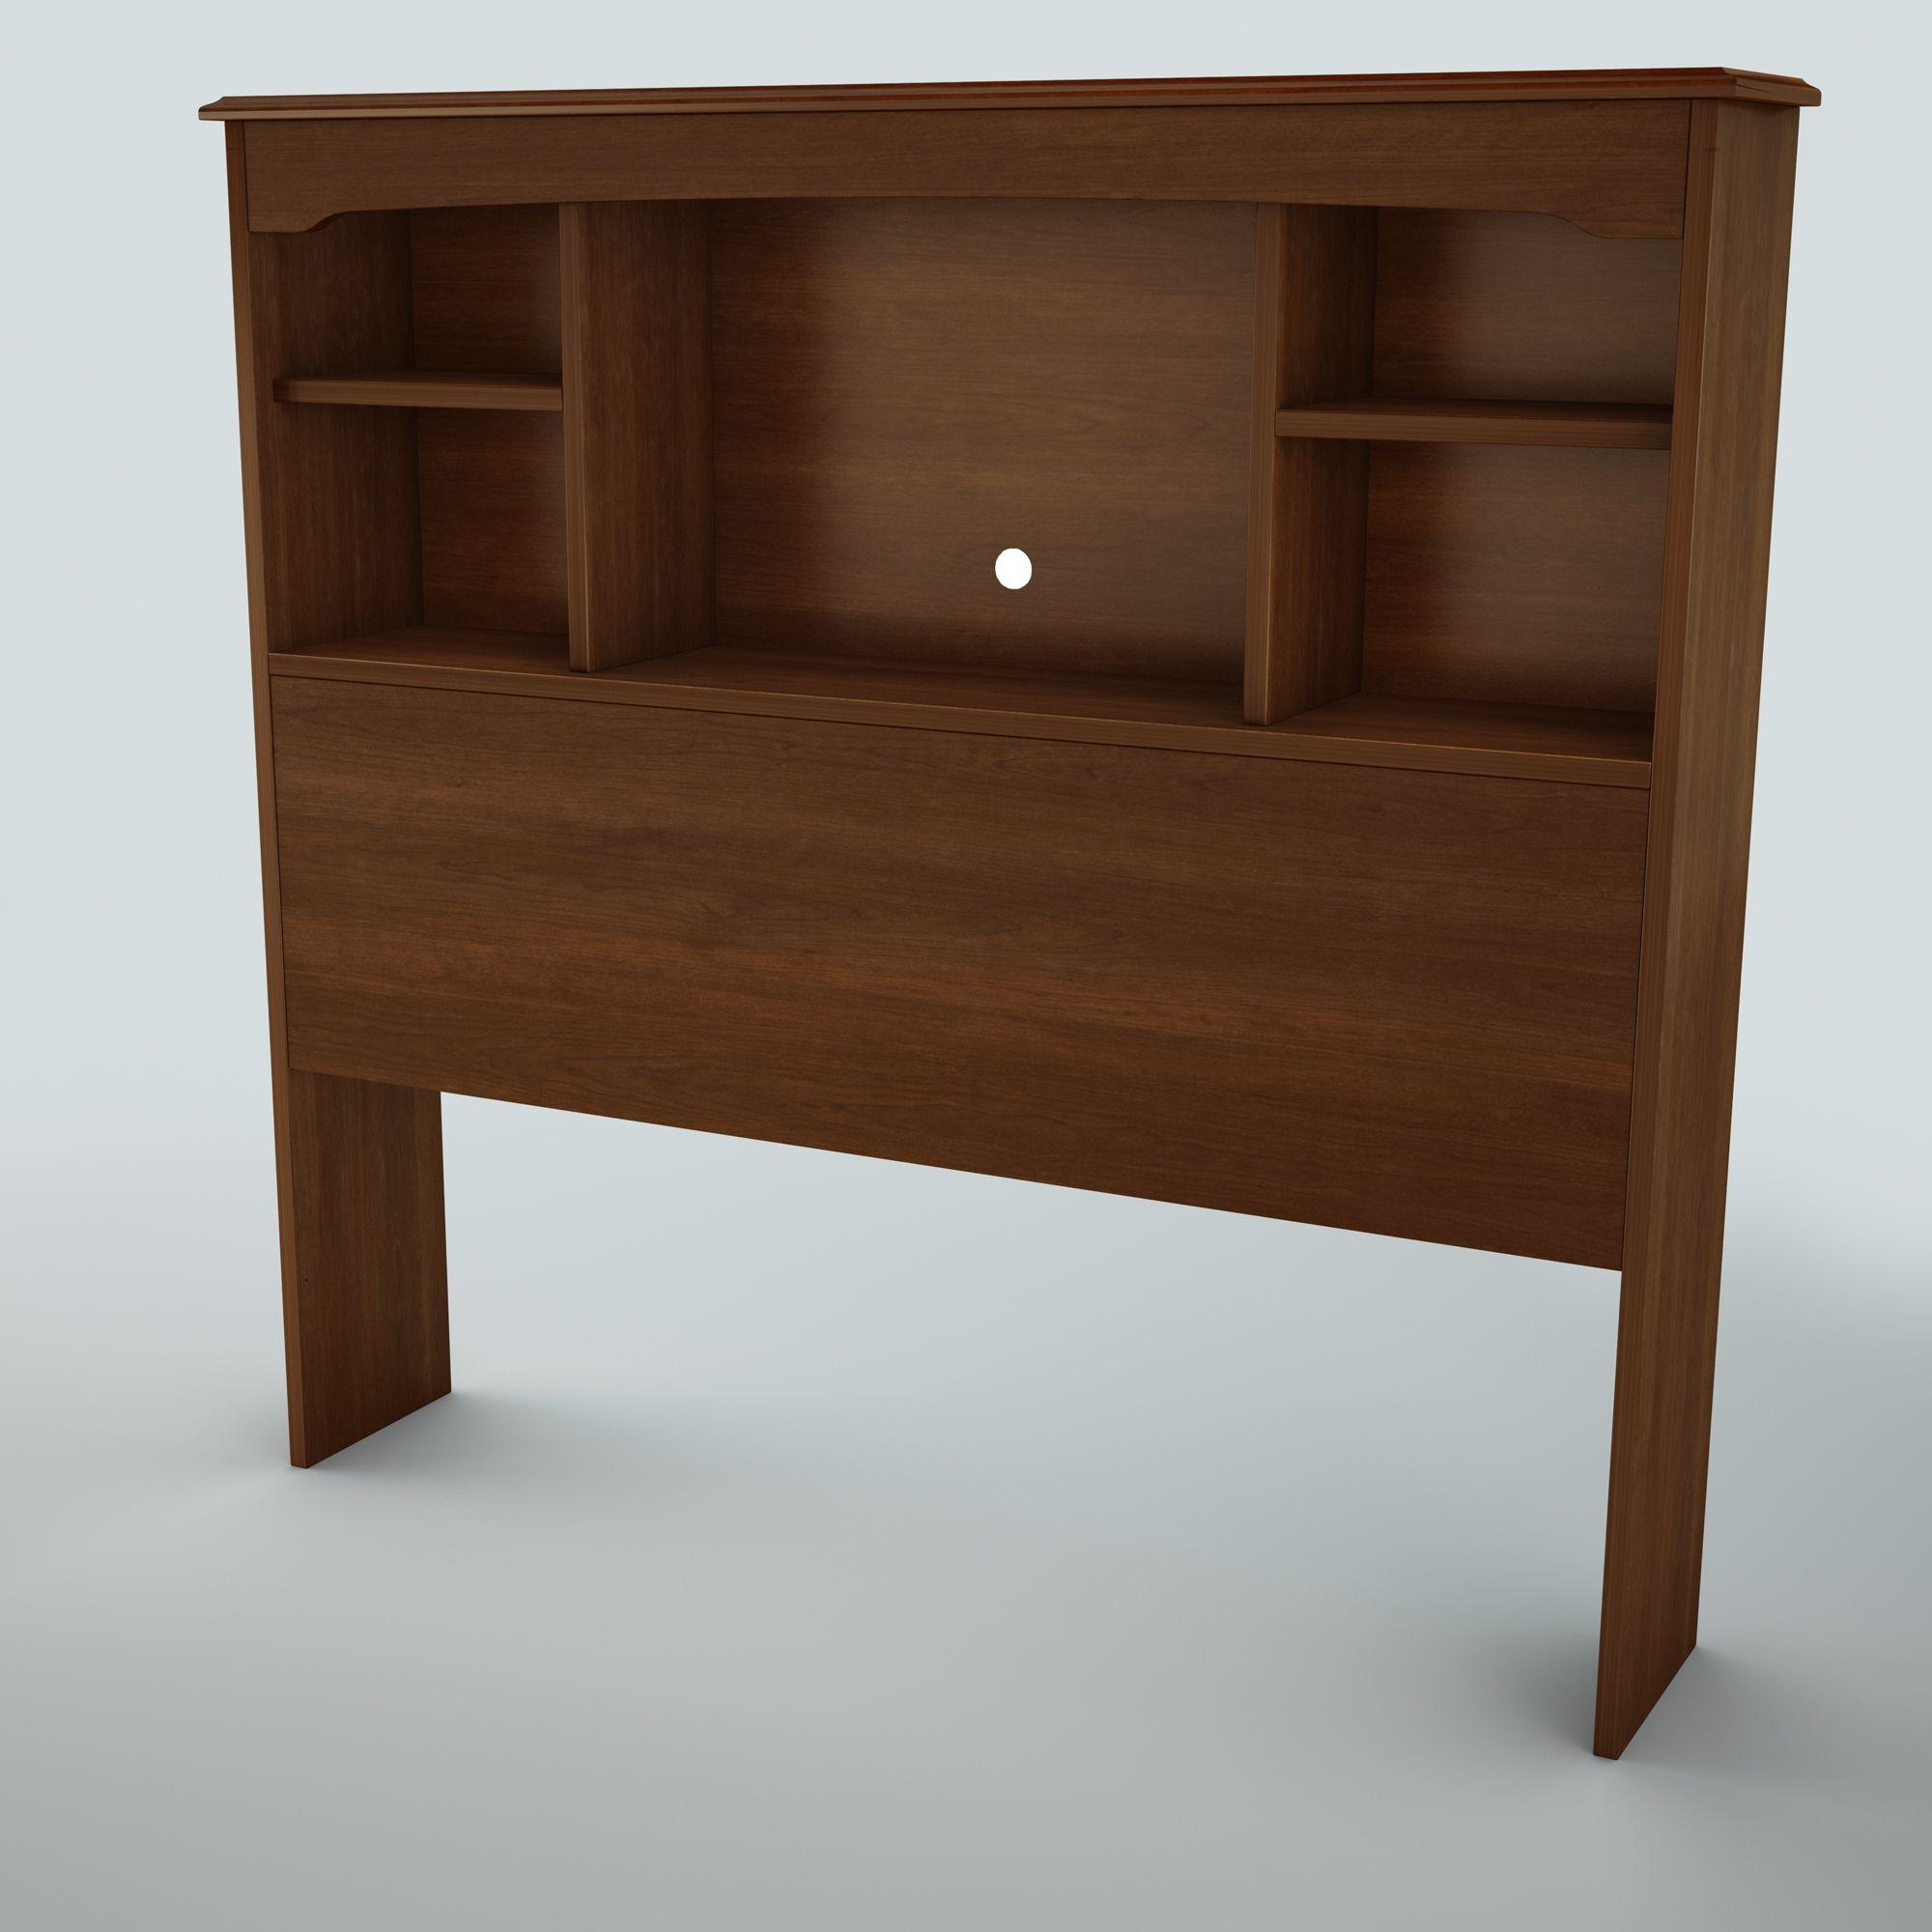 Twin Bookshelf Headboard Brown Color Dengan Gambar